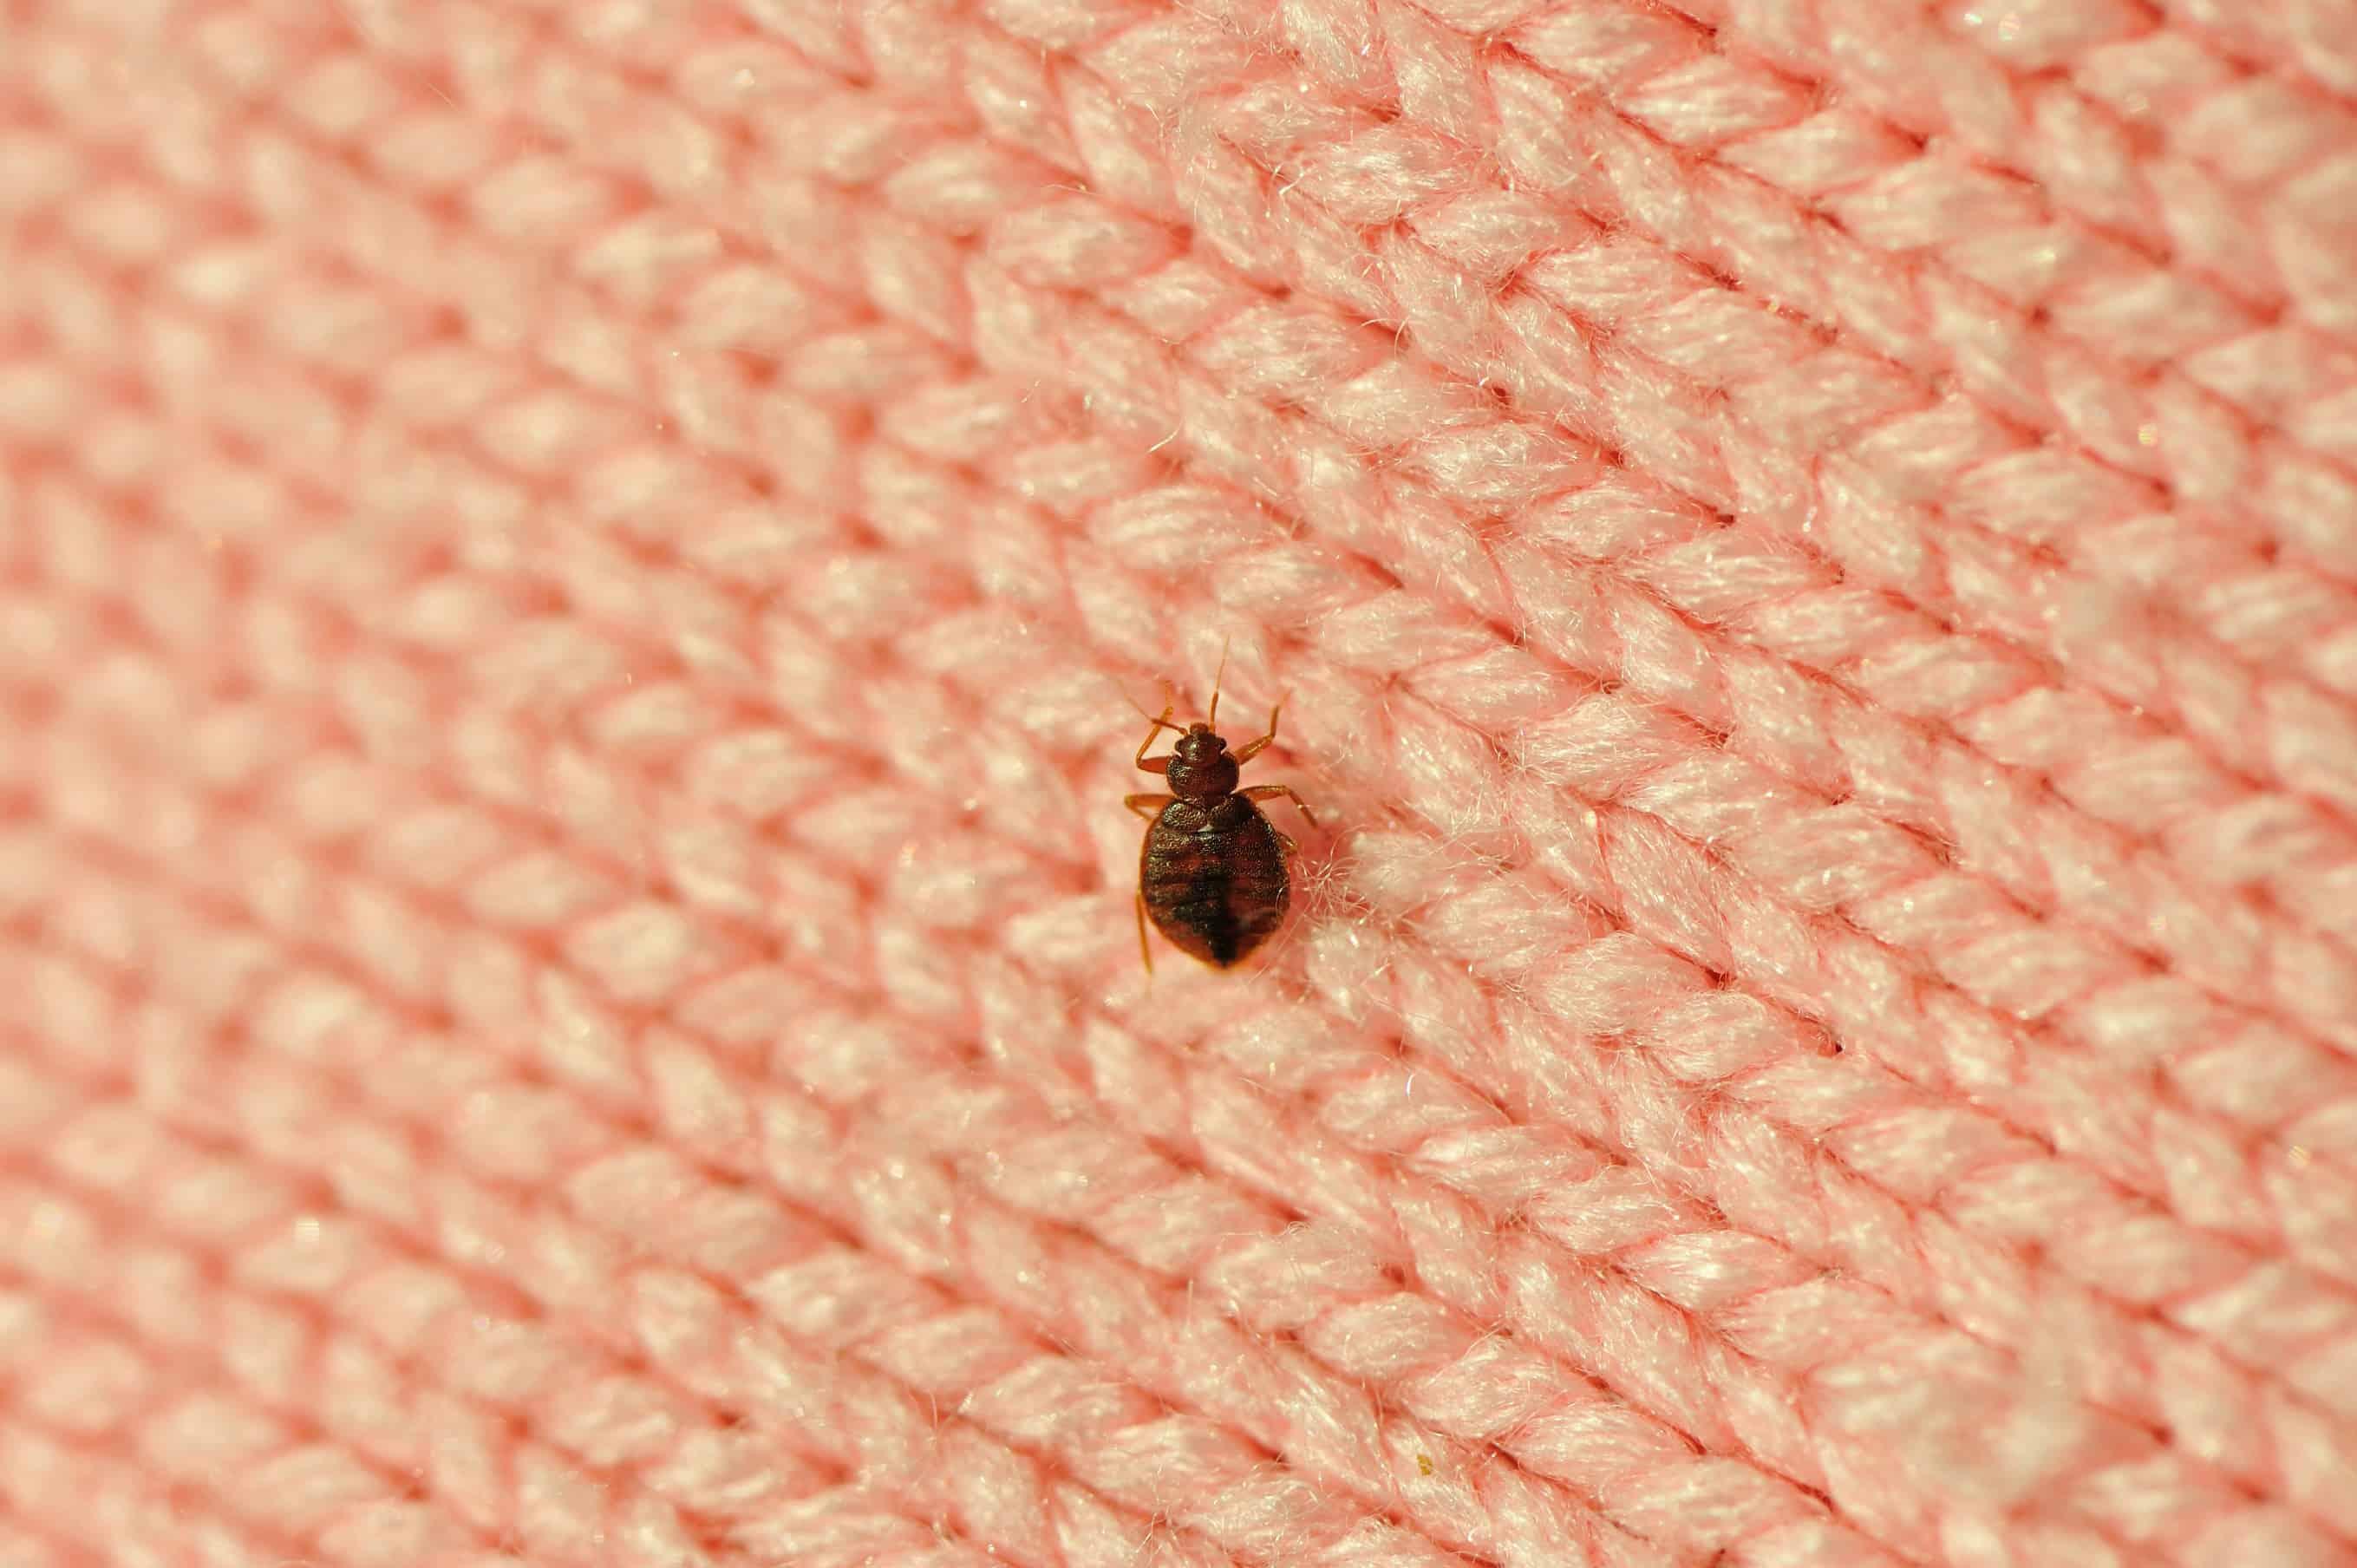 earthkind_bed_bugs